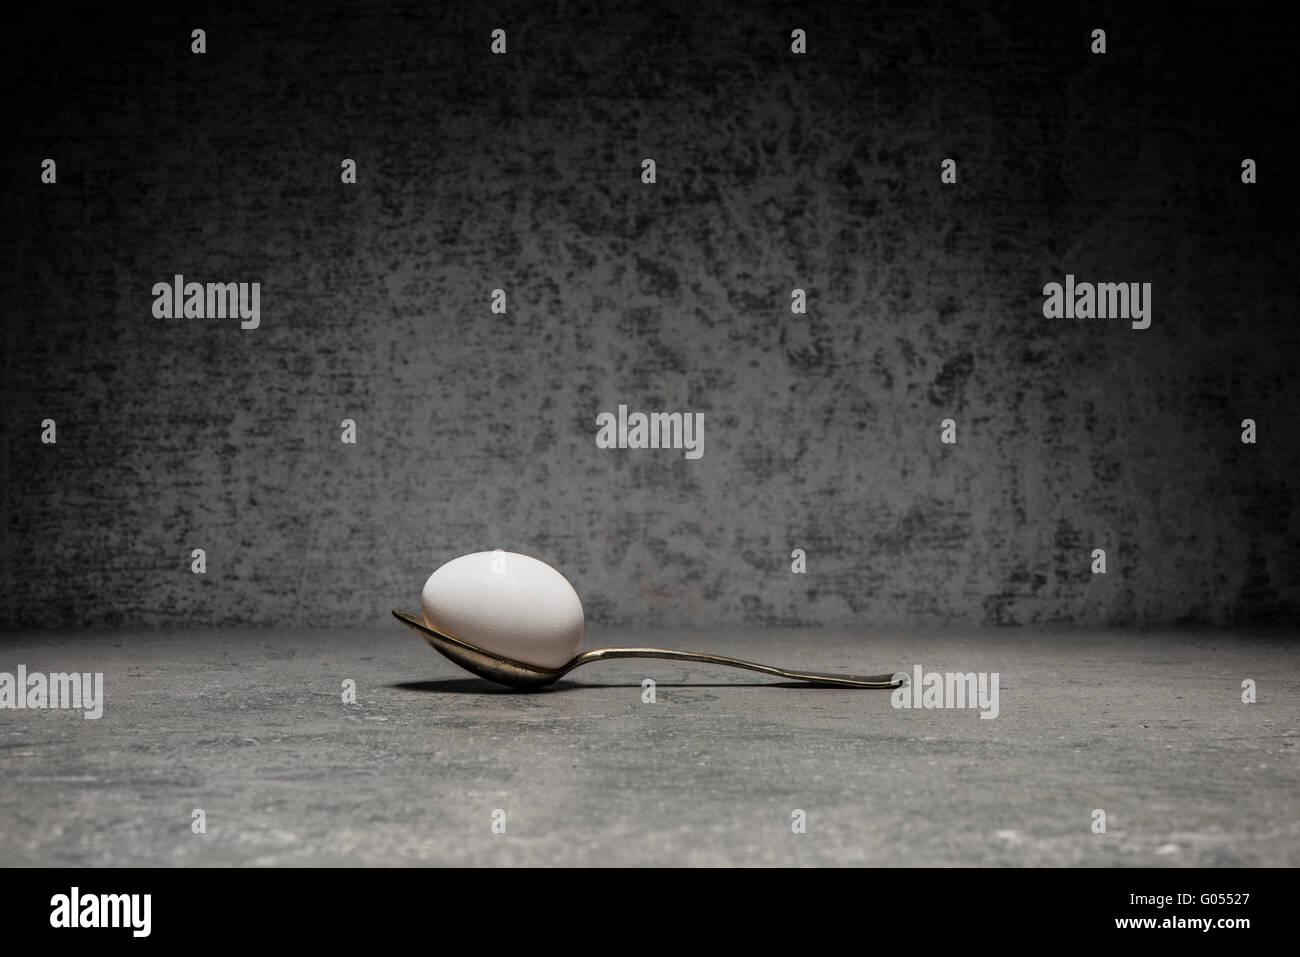 Ei und Löffel Stillleben. Konzeptbild mit Einfachheit und Kopie. Stockbild